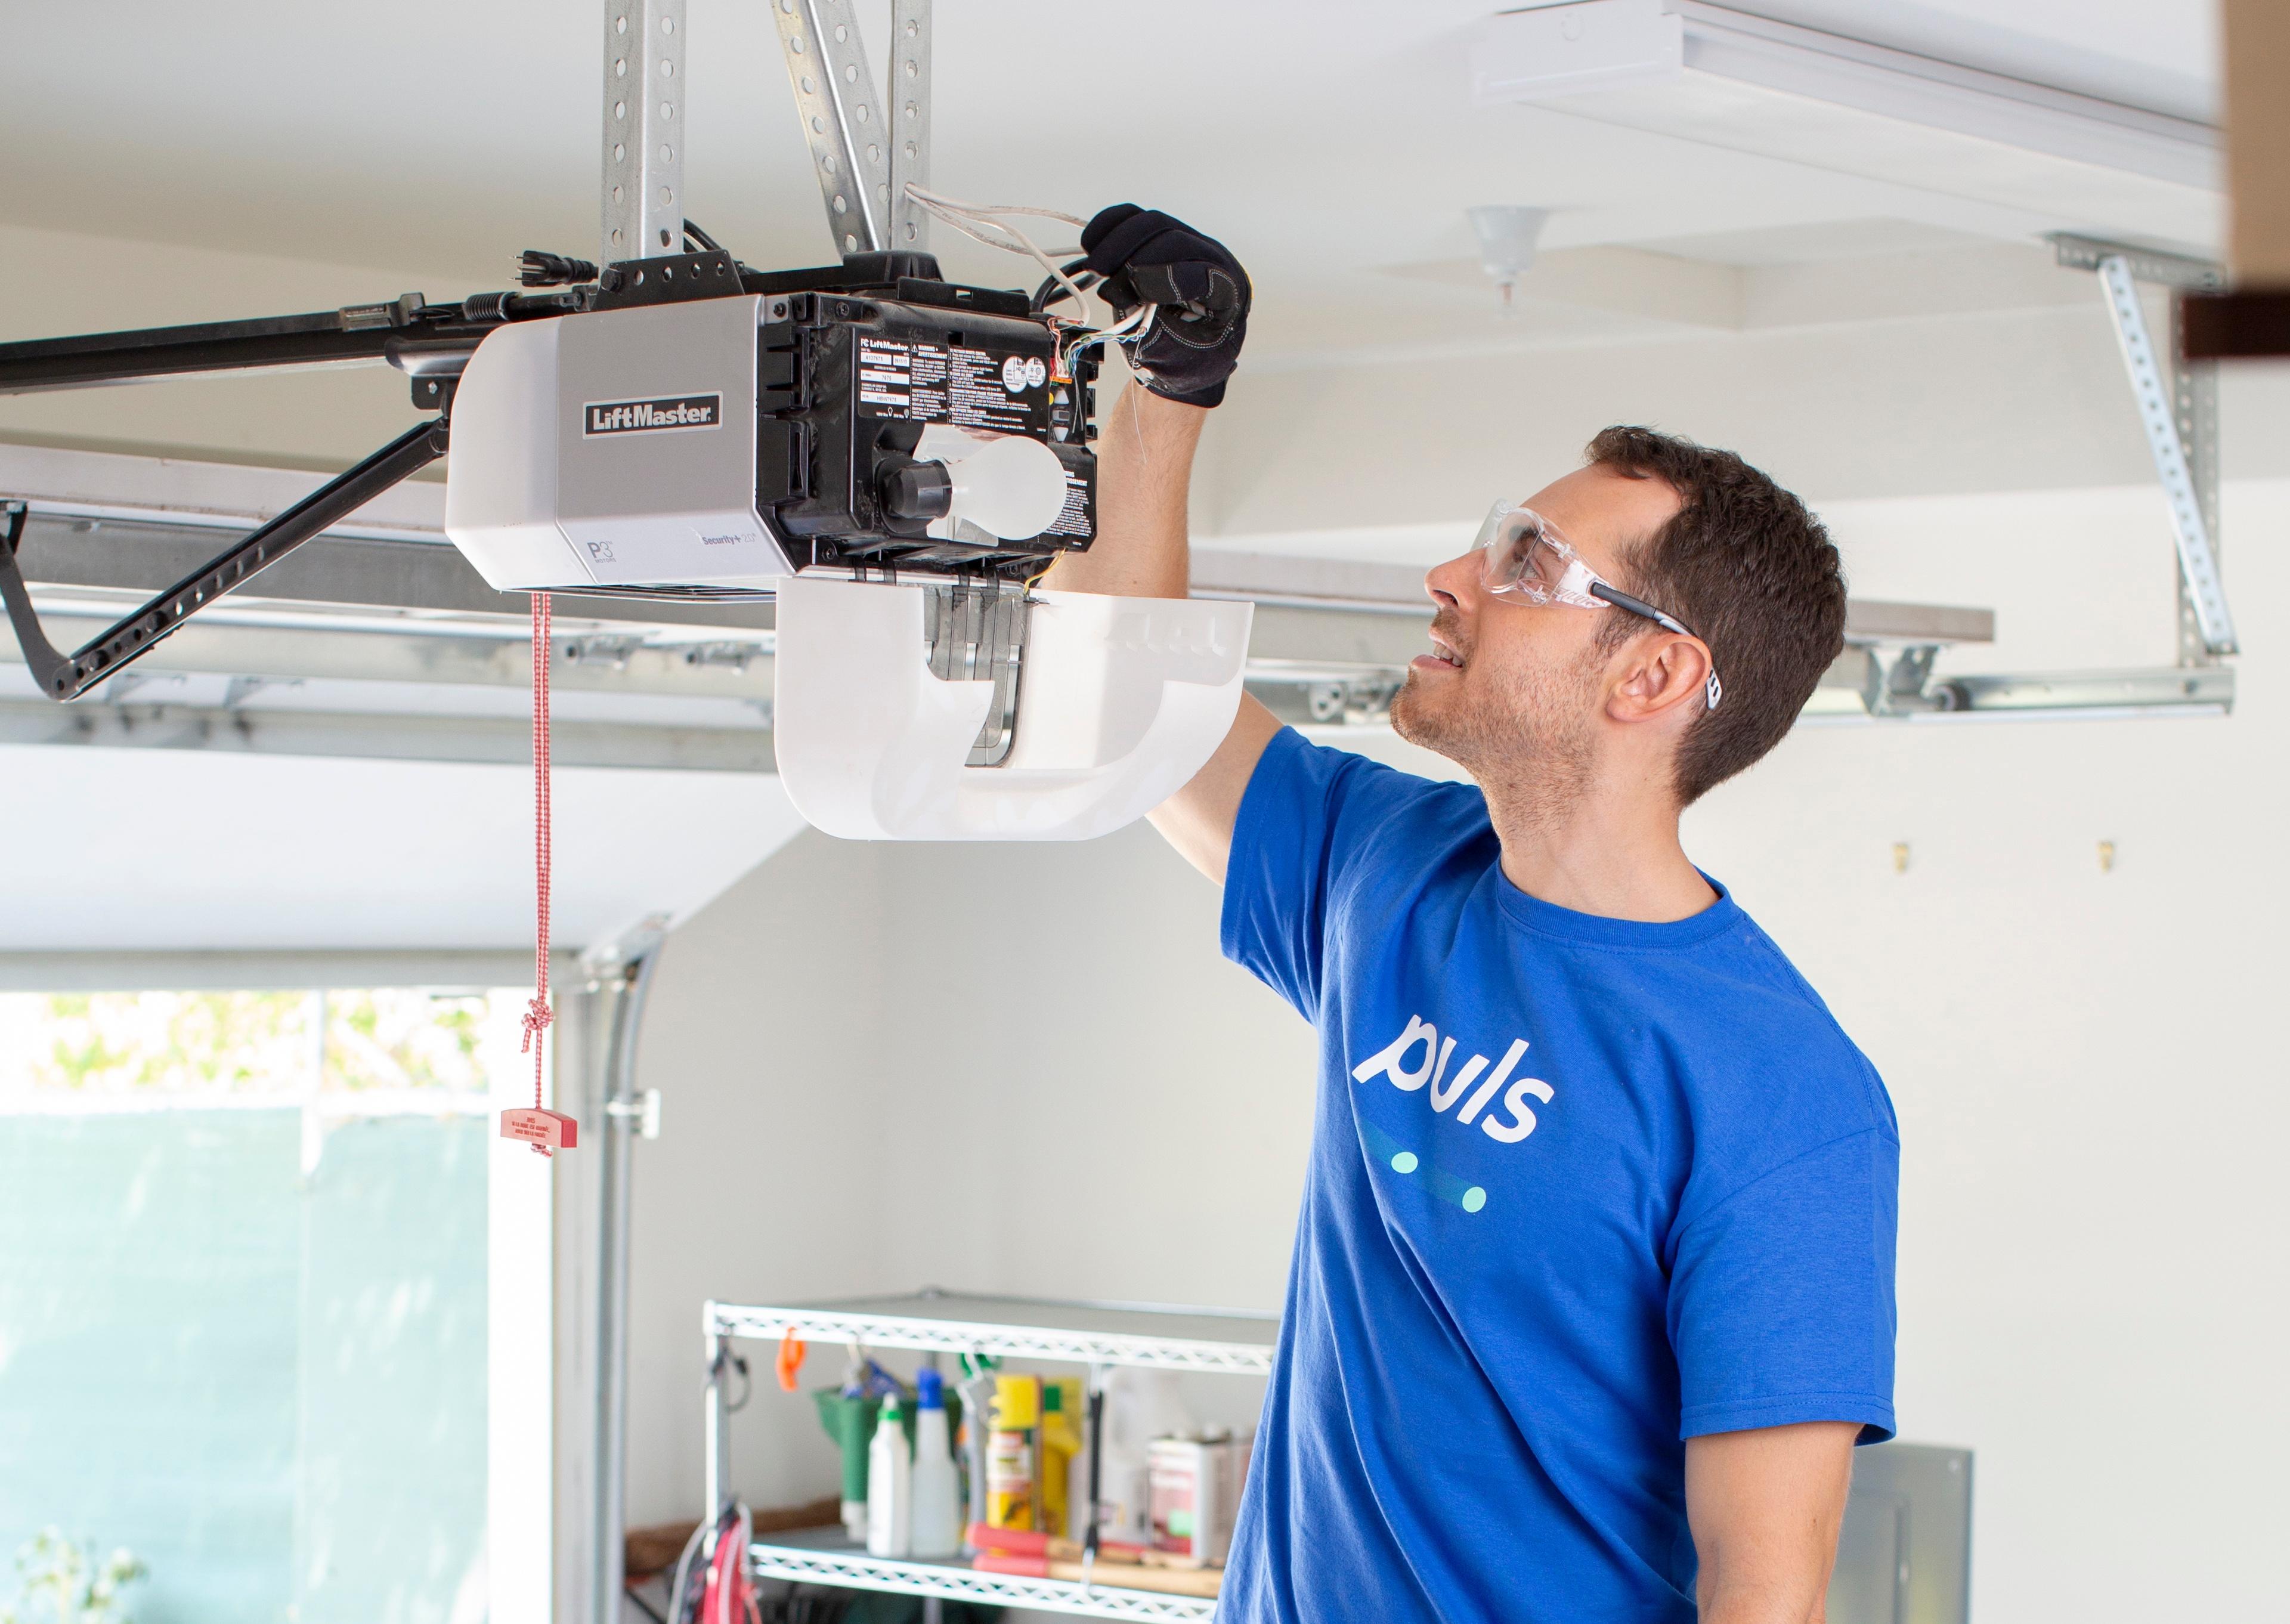 Puls garage door repair